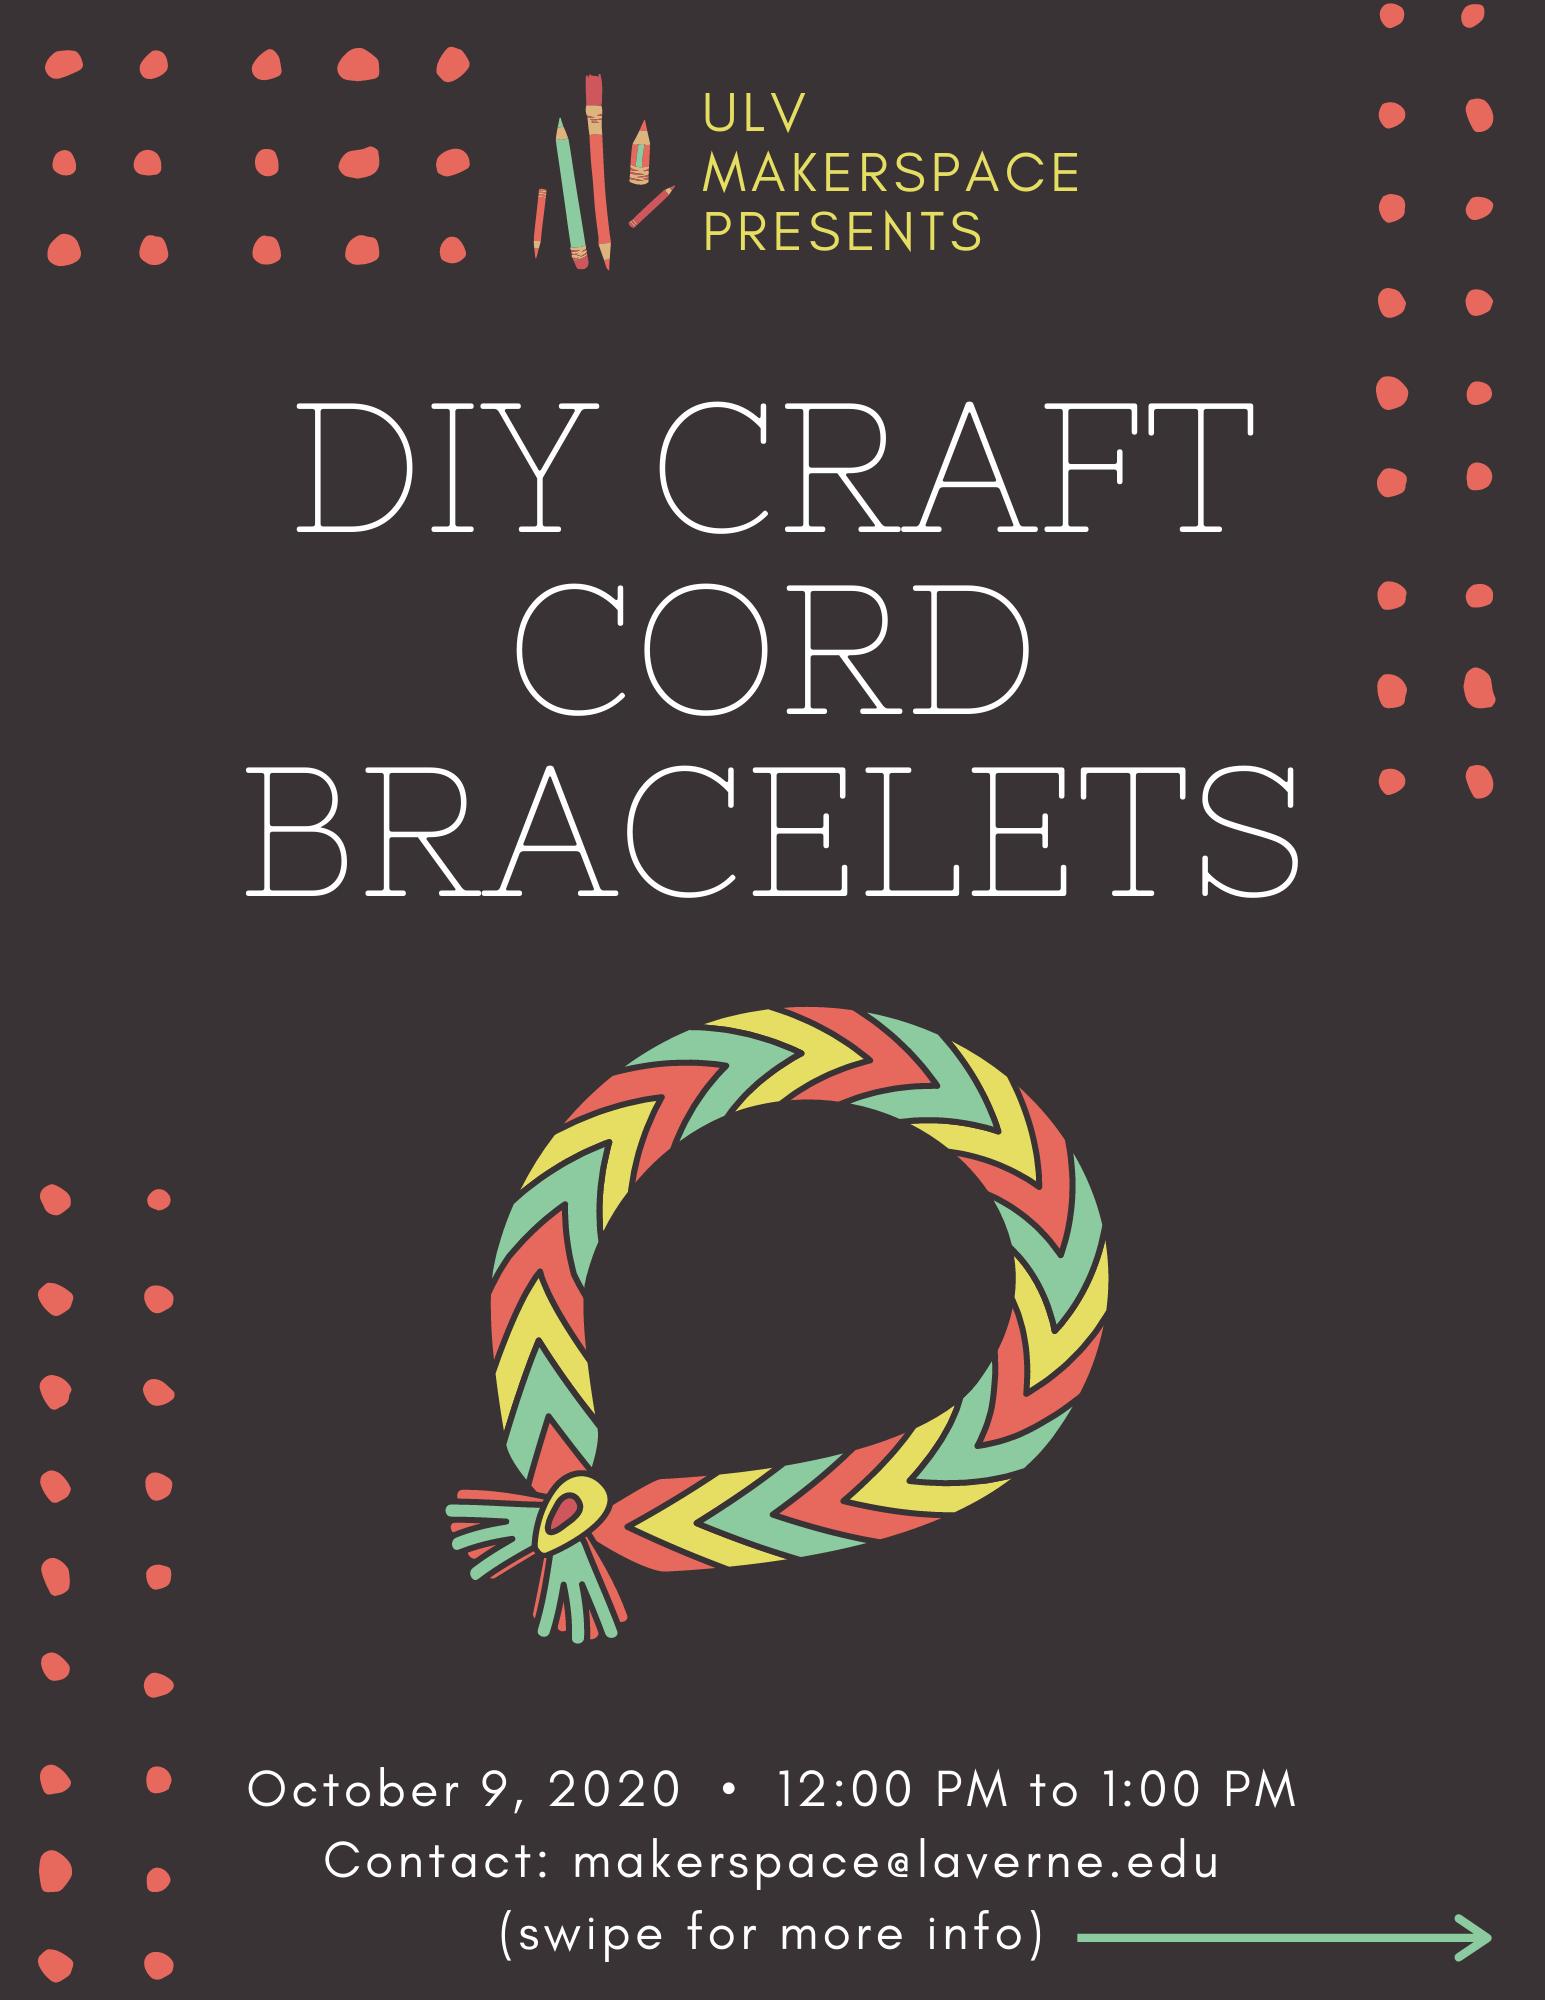 DIY Craft Cord Bracelet Making